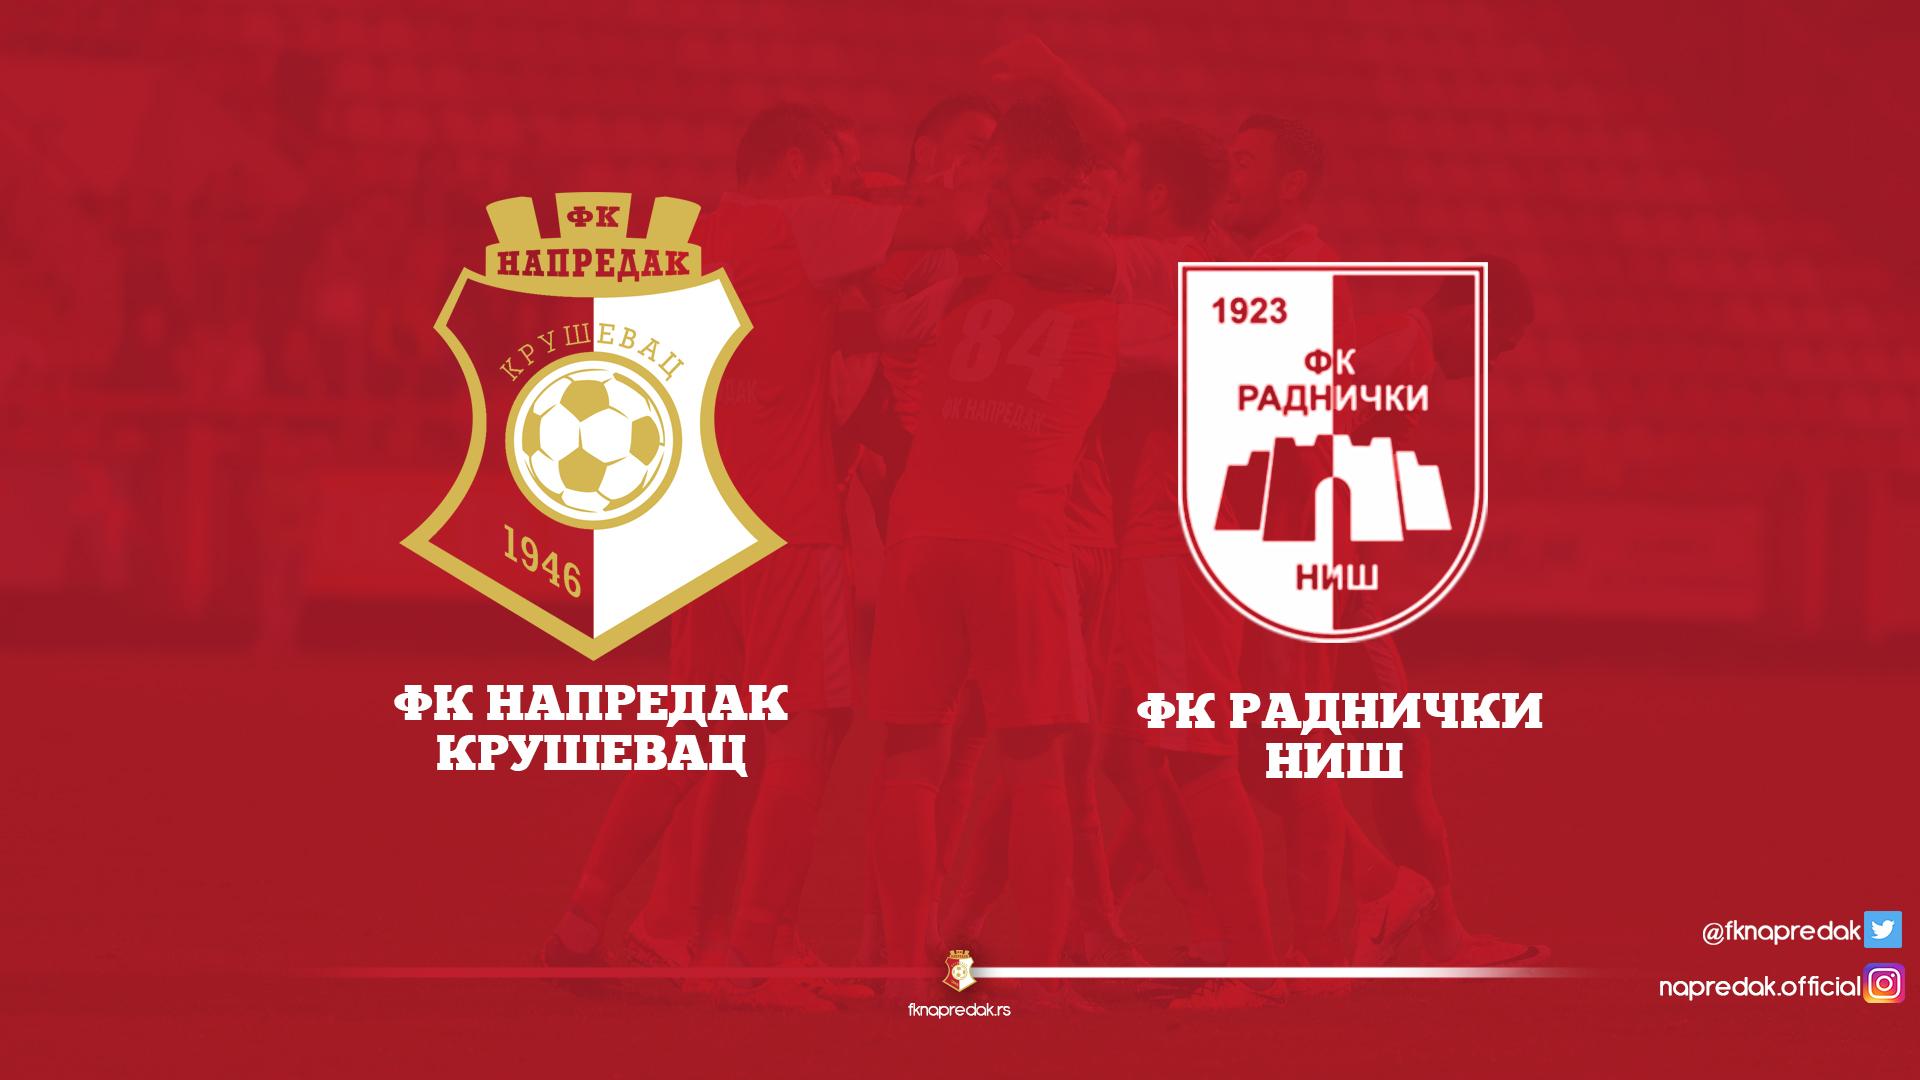 Napredak F.C. - Radnički F.C. 1:2